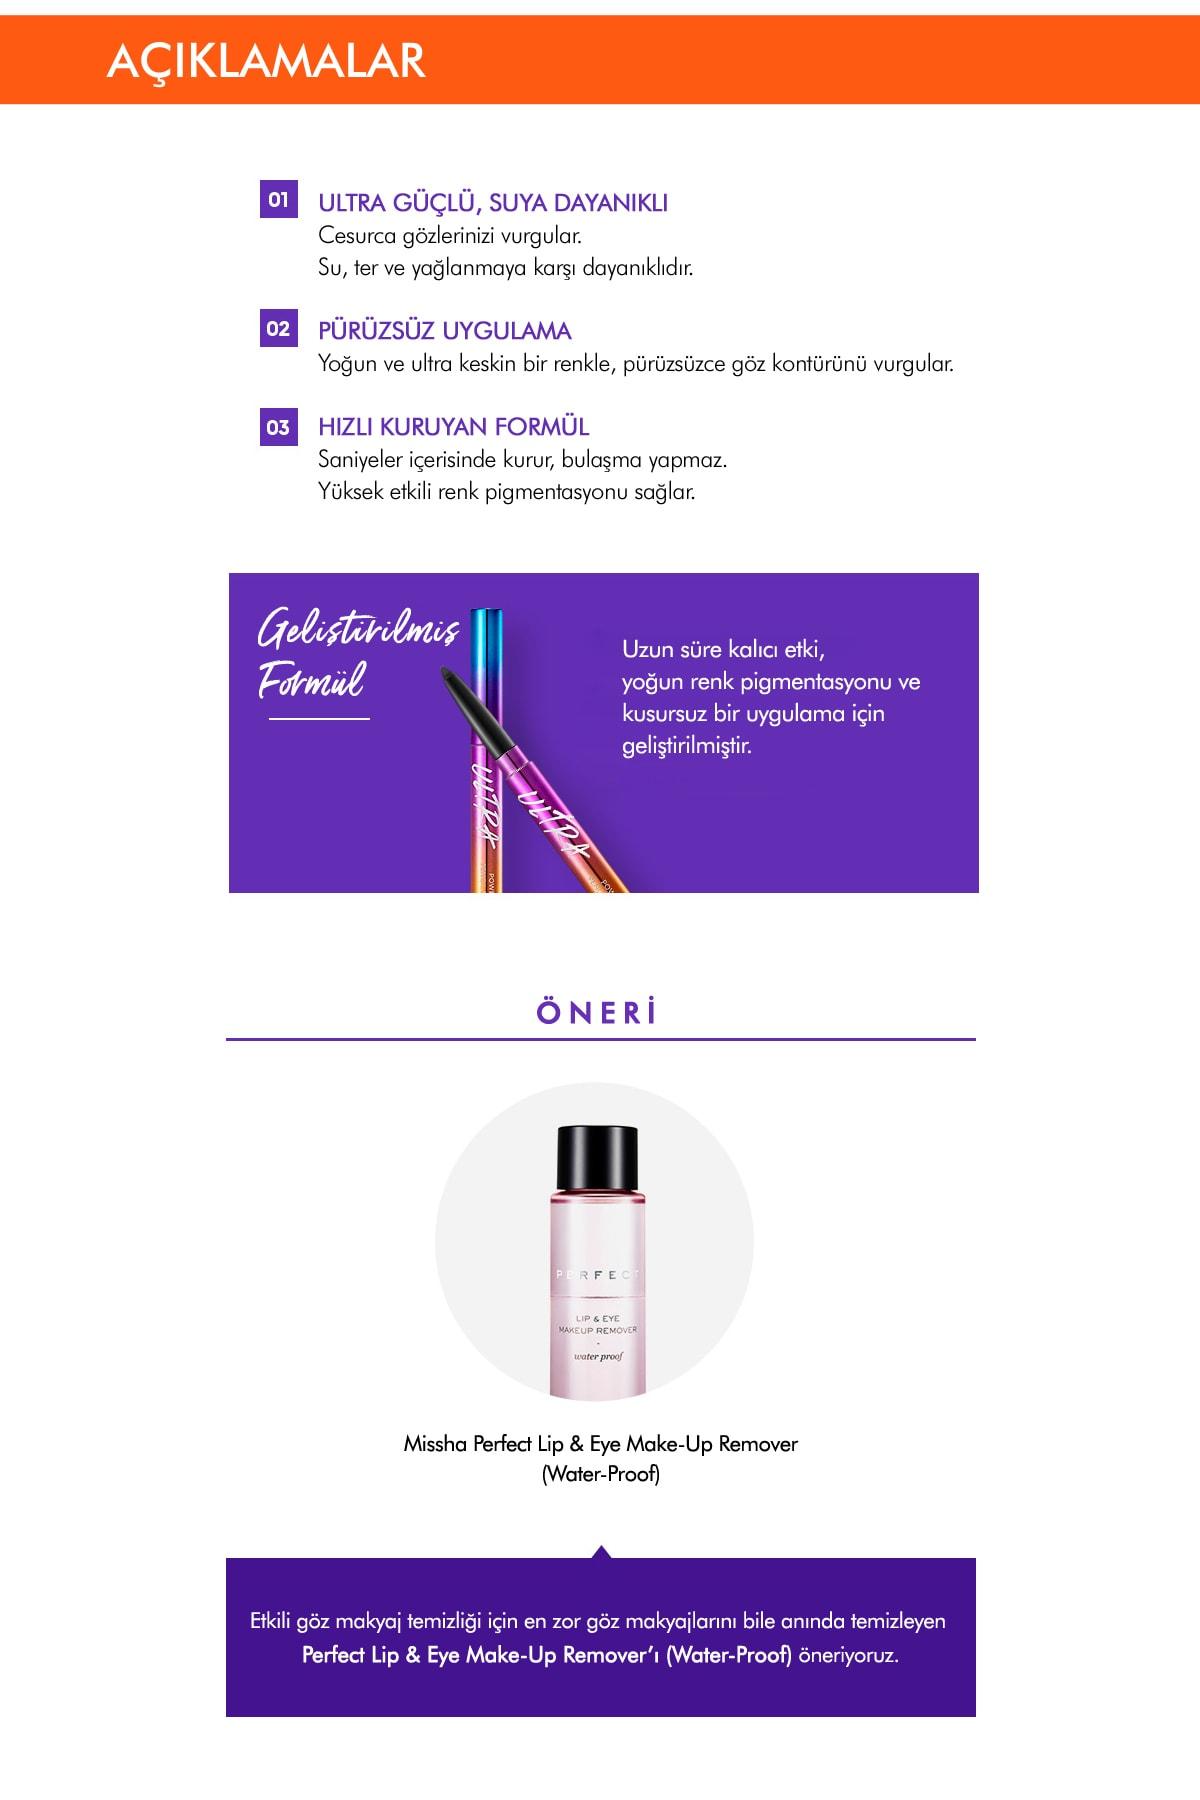 Missha Suya Dayanıklı Kalıcı Jel Göz Kalemi Ultra Powerproof Pencil Eyeliner [Black] 2